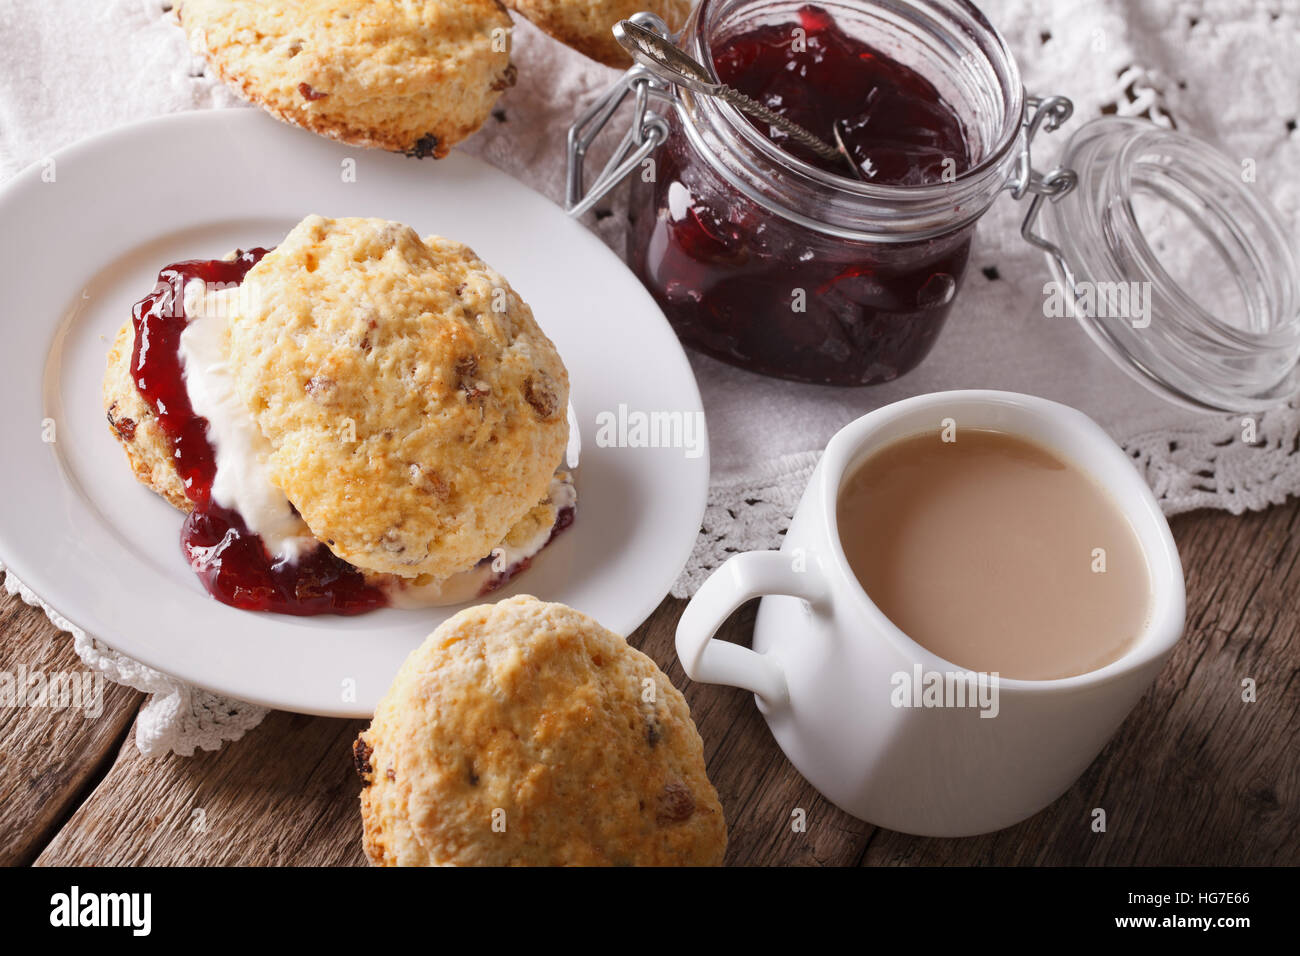 Hausgemachte Scones mit Marmelade und Tee mit Milch Nahaufnahme auf dem Tisch. horizontale Stockbild